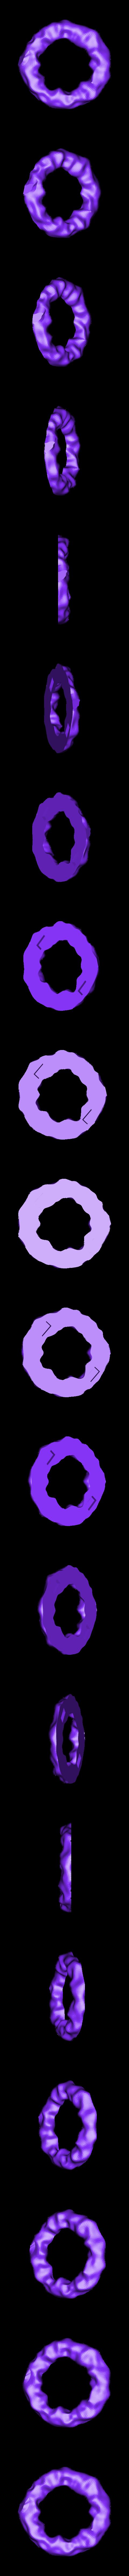 ring3_top.stl Download free STL file The Caterpillar • 3D print model, reddadsteve